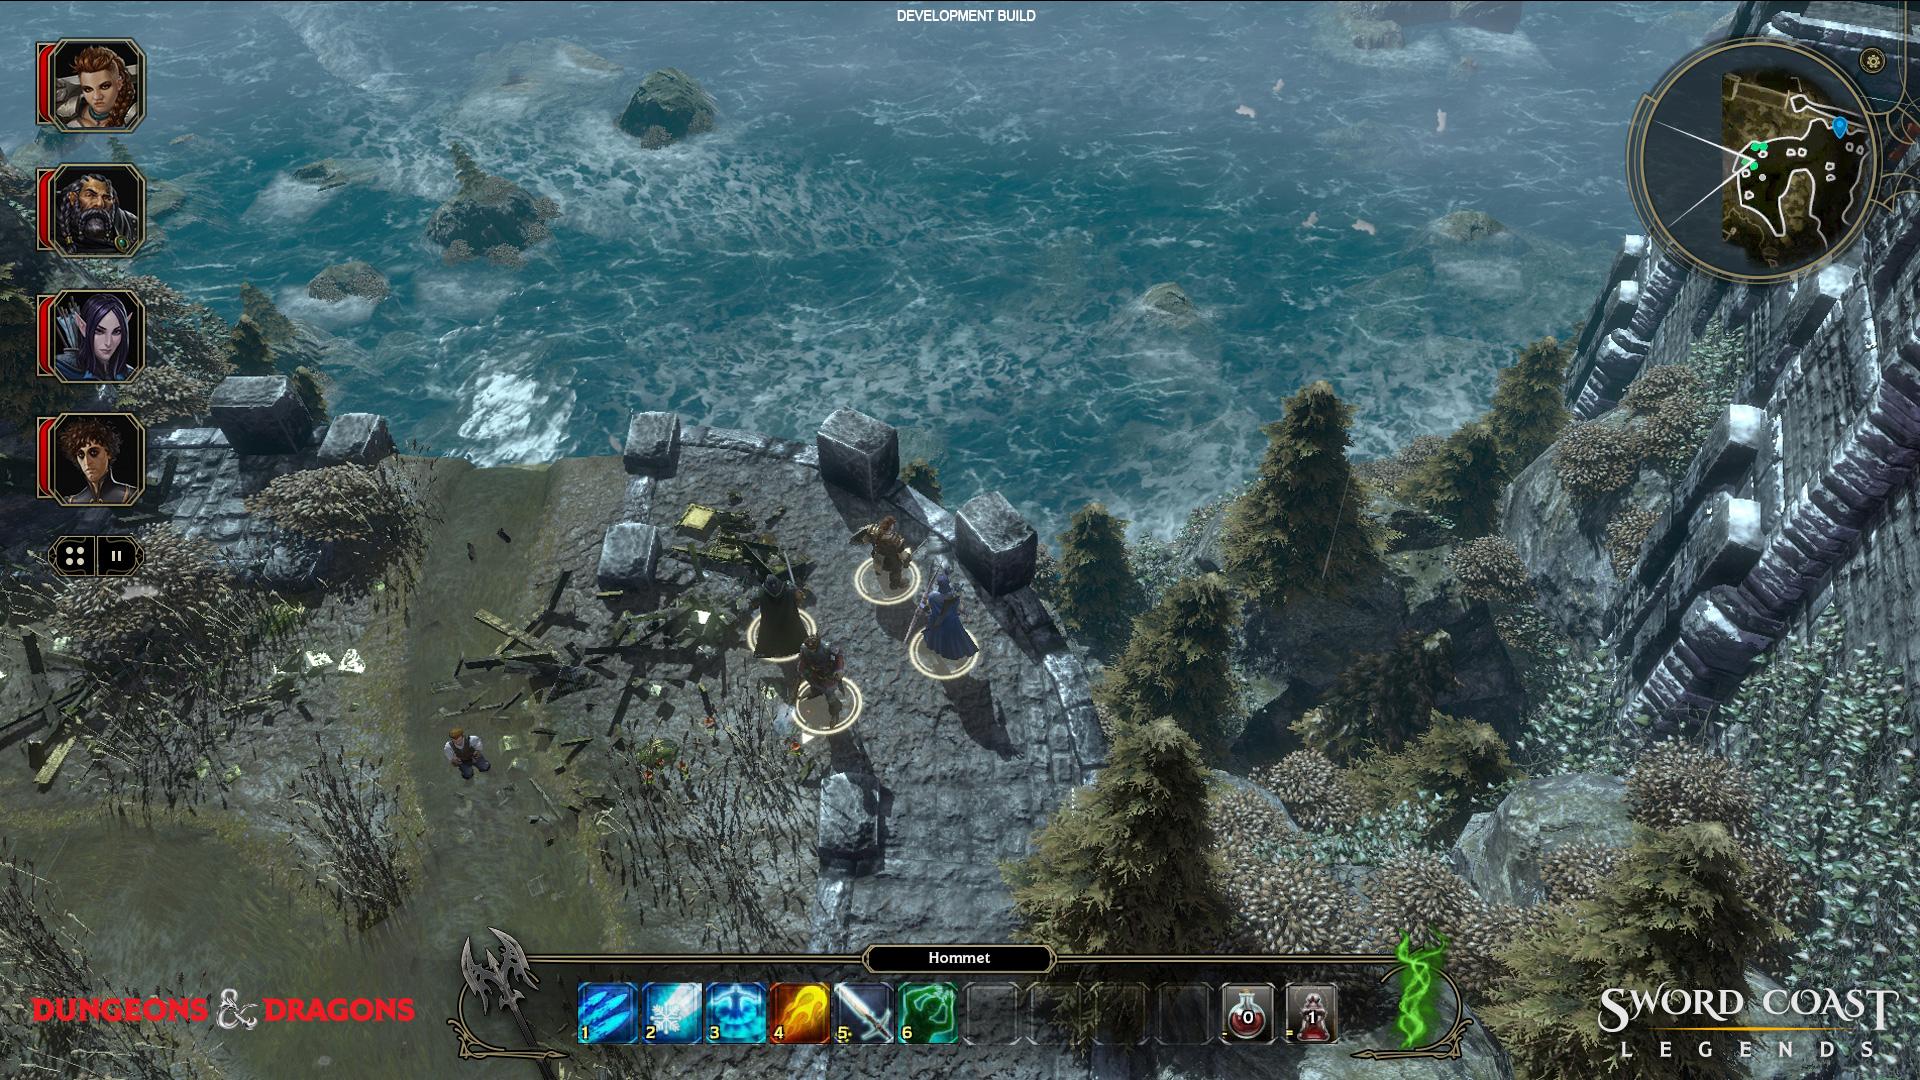 Sword Coast Legends: Rage of Demons Screenshot 3